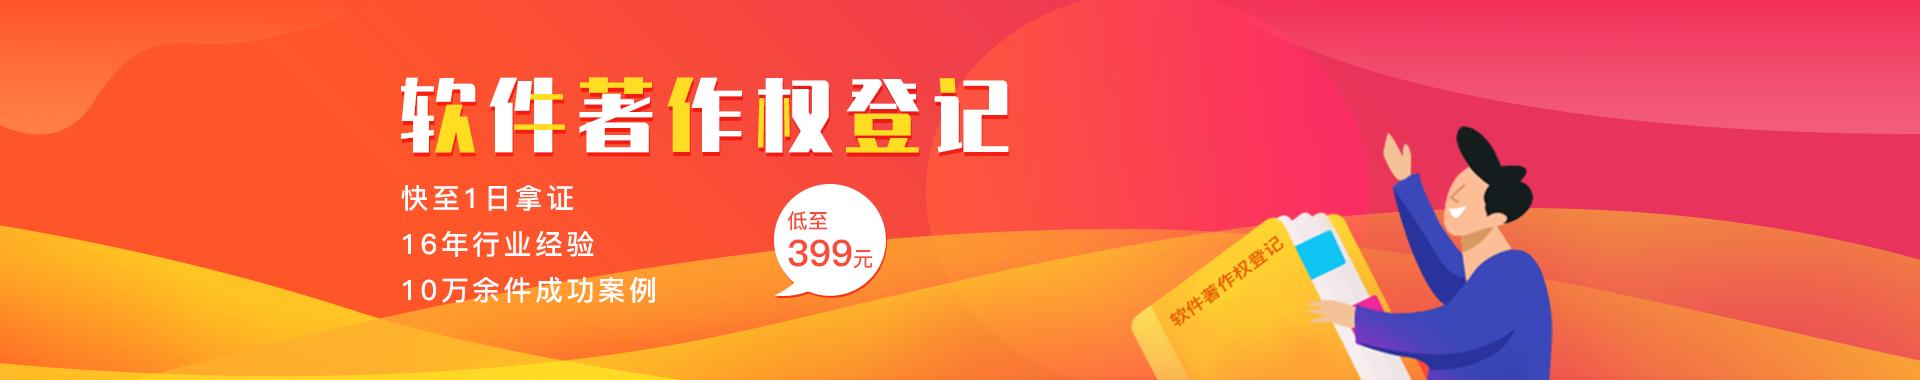 科技服务Banner